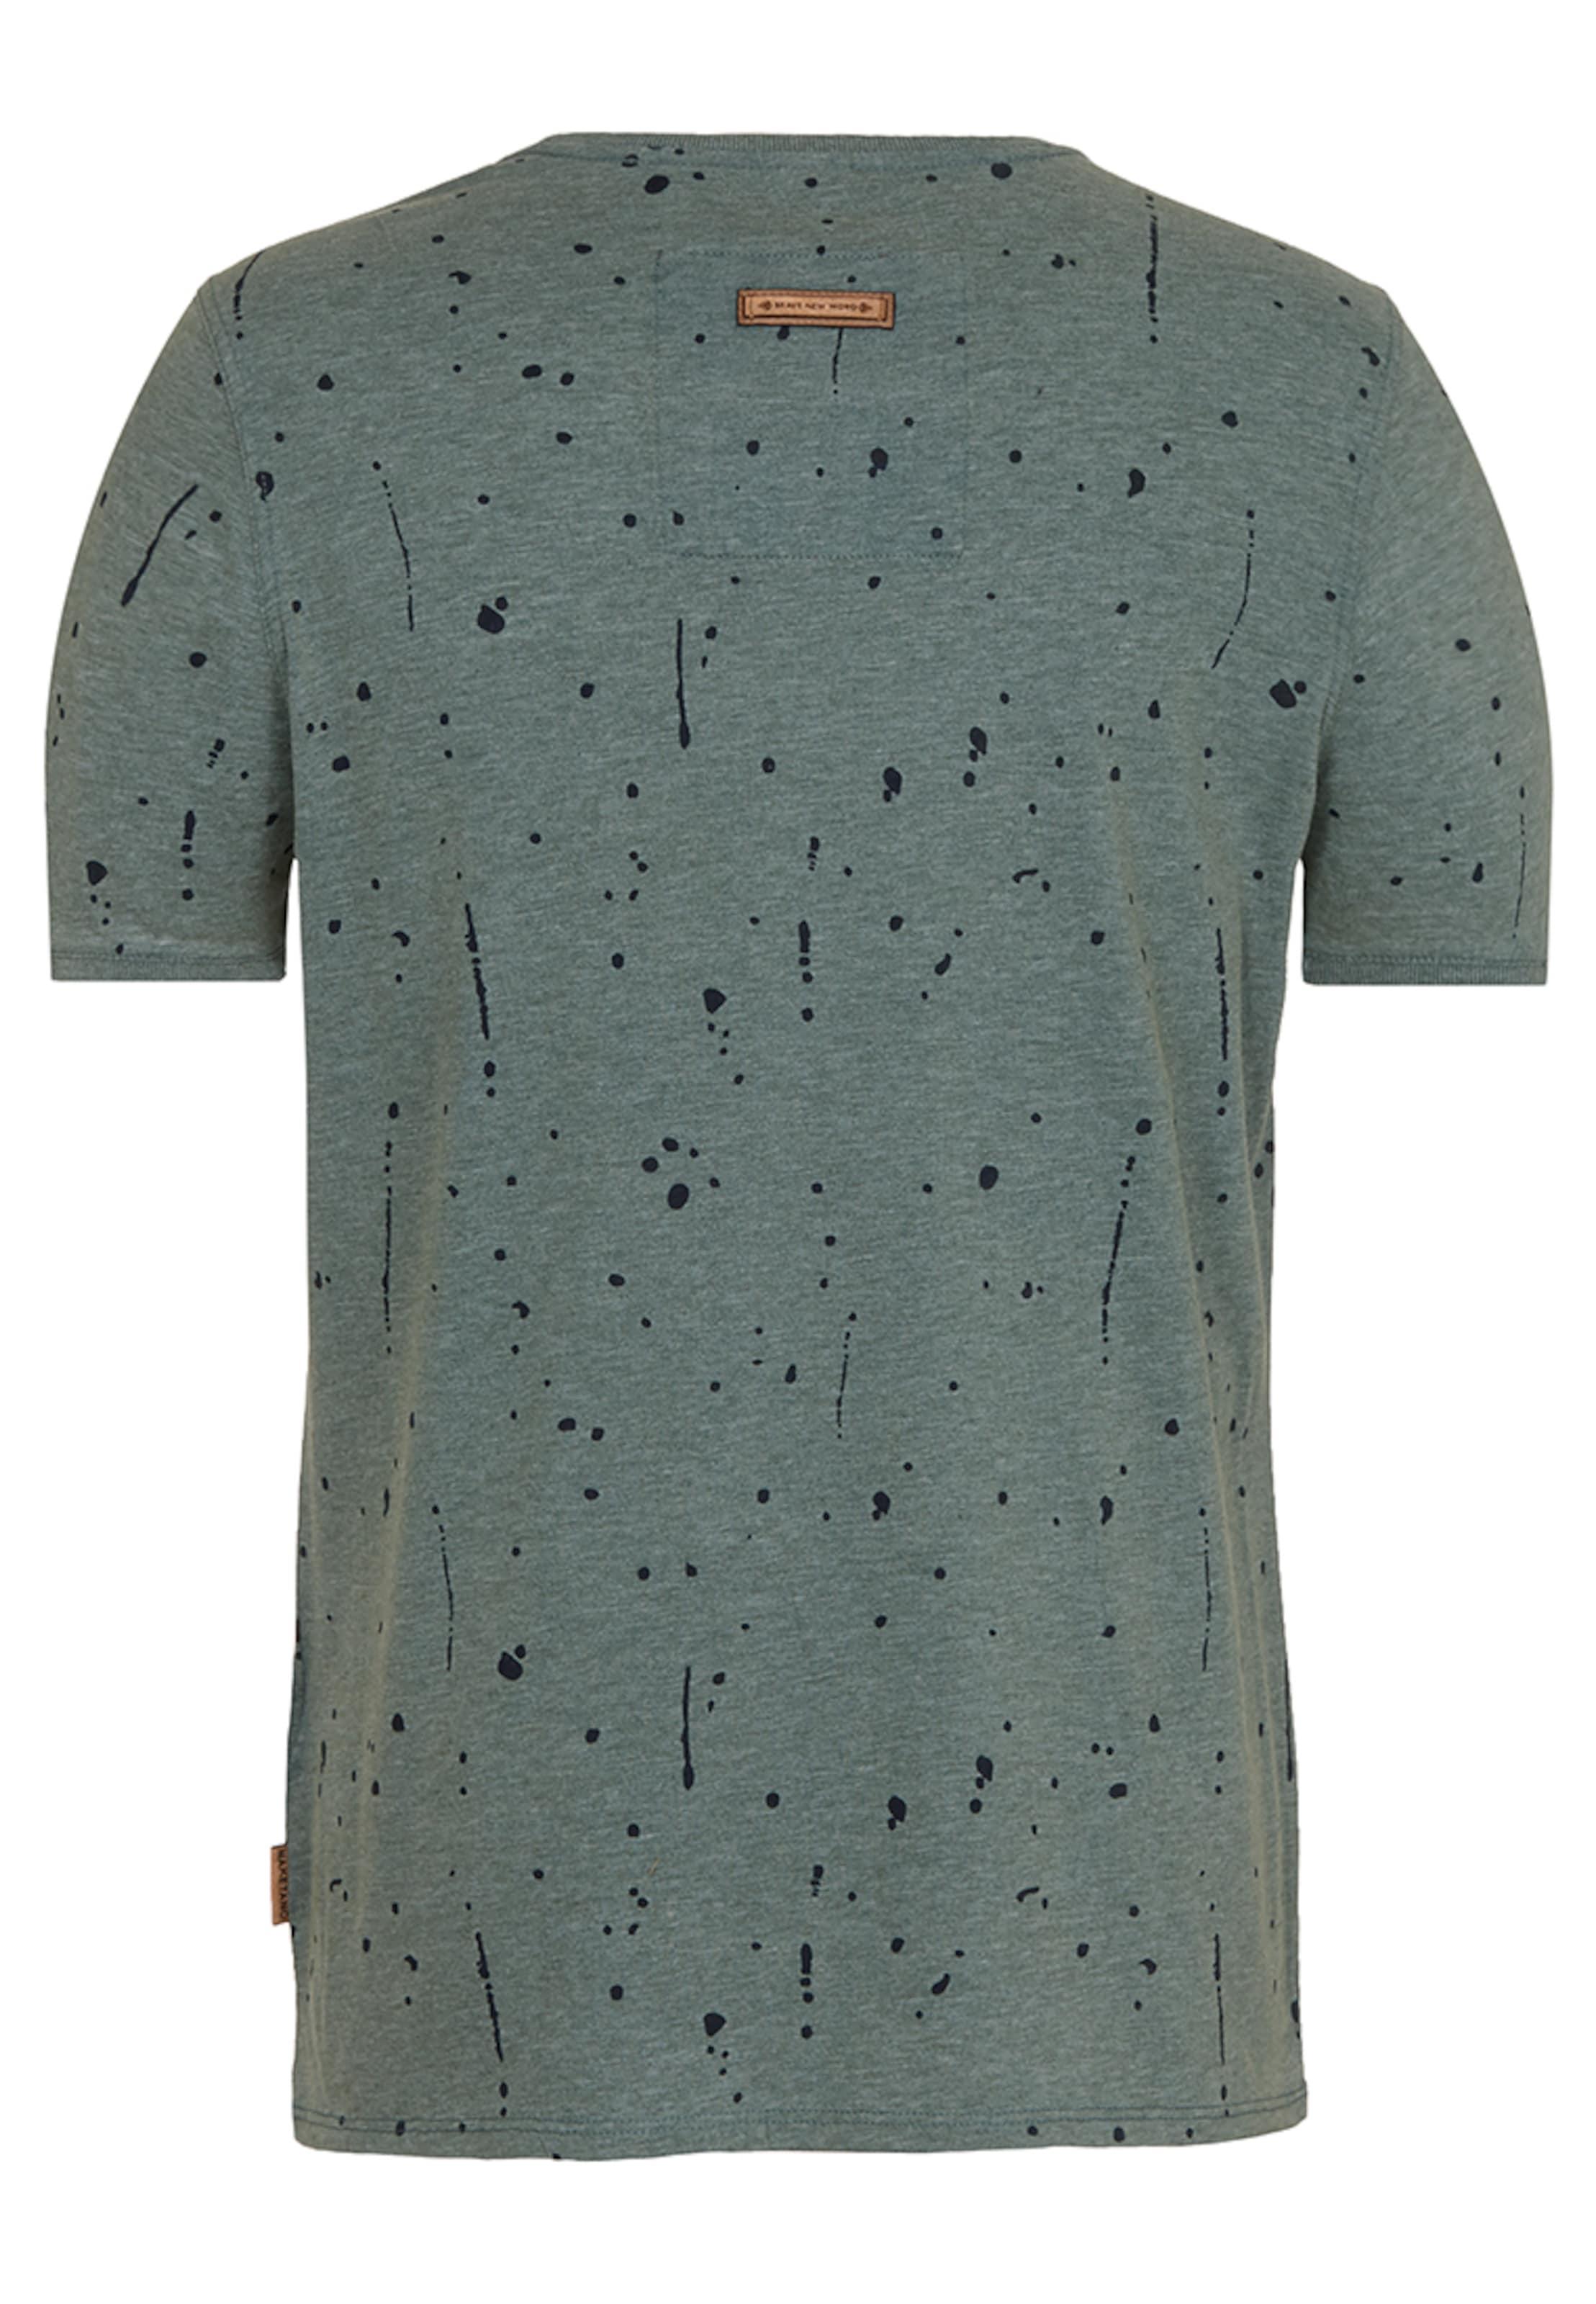 Verkauf Günstig Online Exklusiv Günstig Online naketano Male T-Shirt 'What's the 411' Rabatt 100% Original Rabatt Niedrigen Preis Versandgebühr Billig Verkauf Hochwertiger 2hakpv